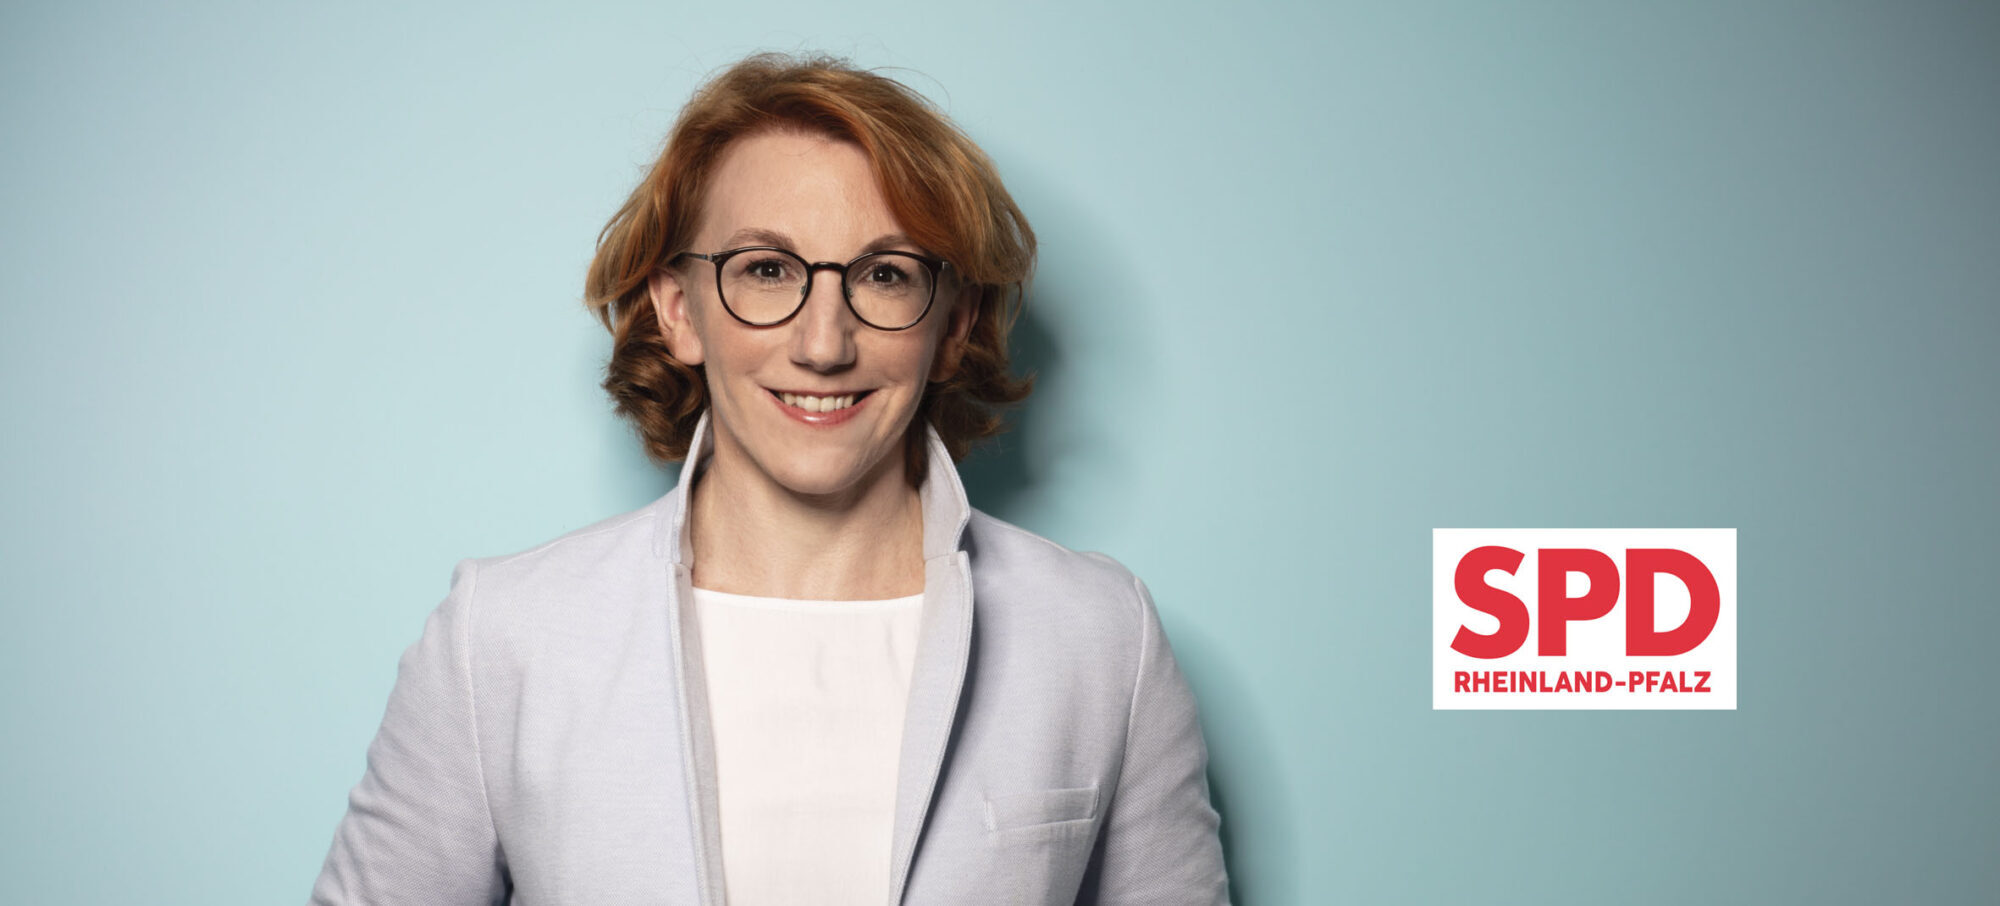 Susanne Müller, MdL